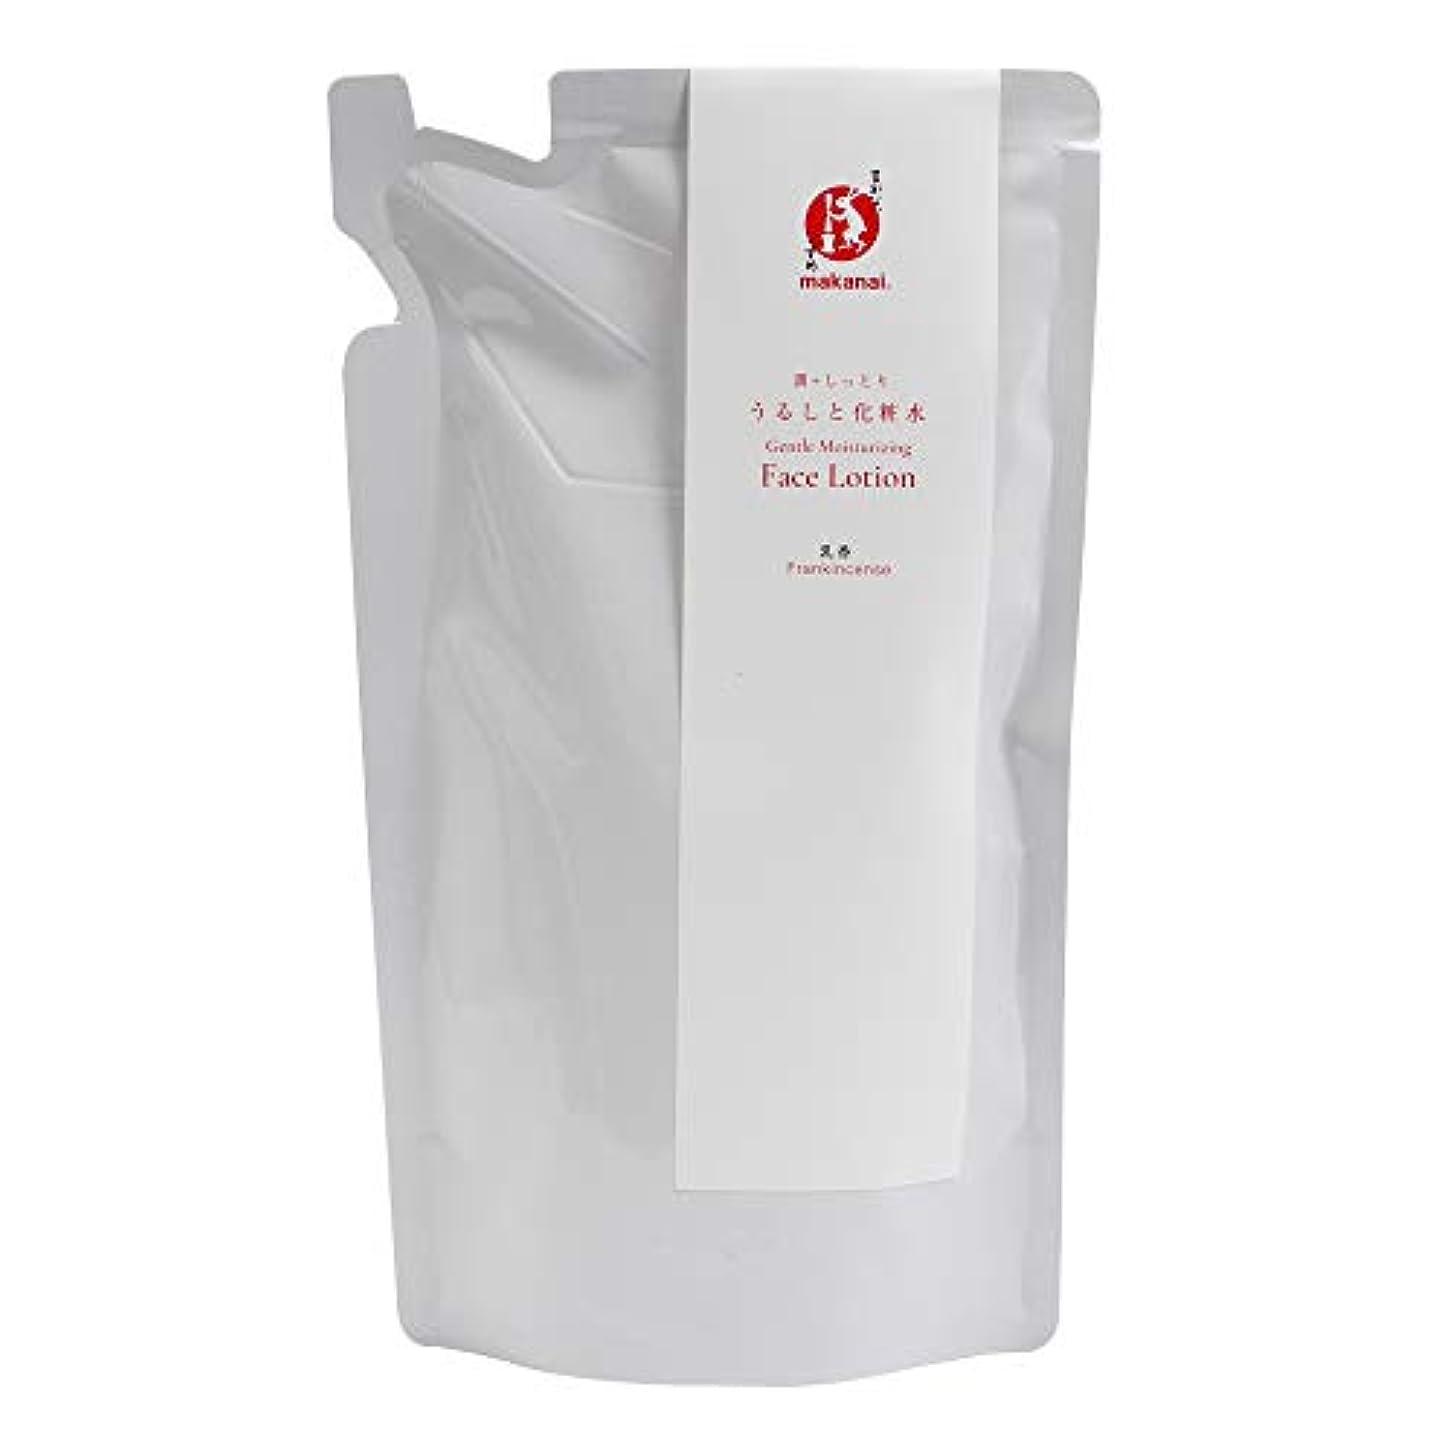 どれかいわゆる煙まかないこすめ うるしと化粧水(詰め替え用) 150ml